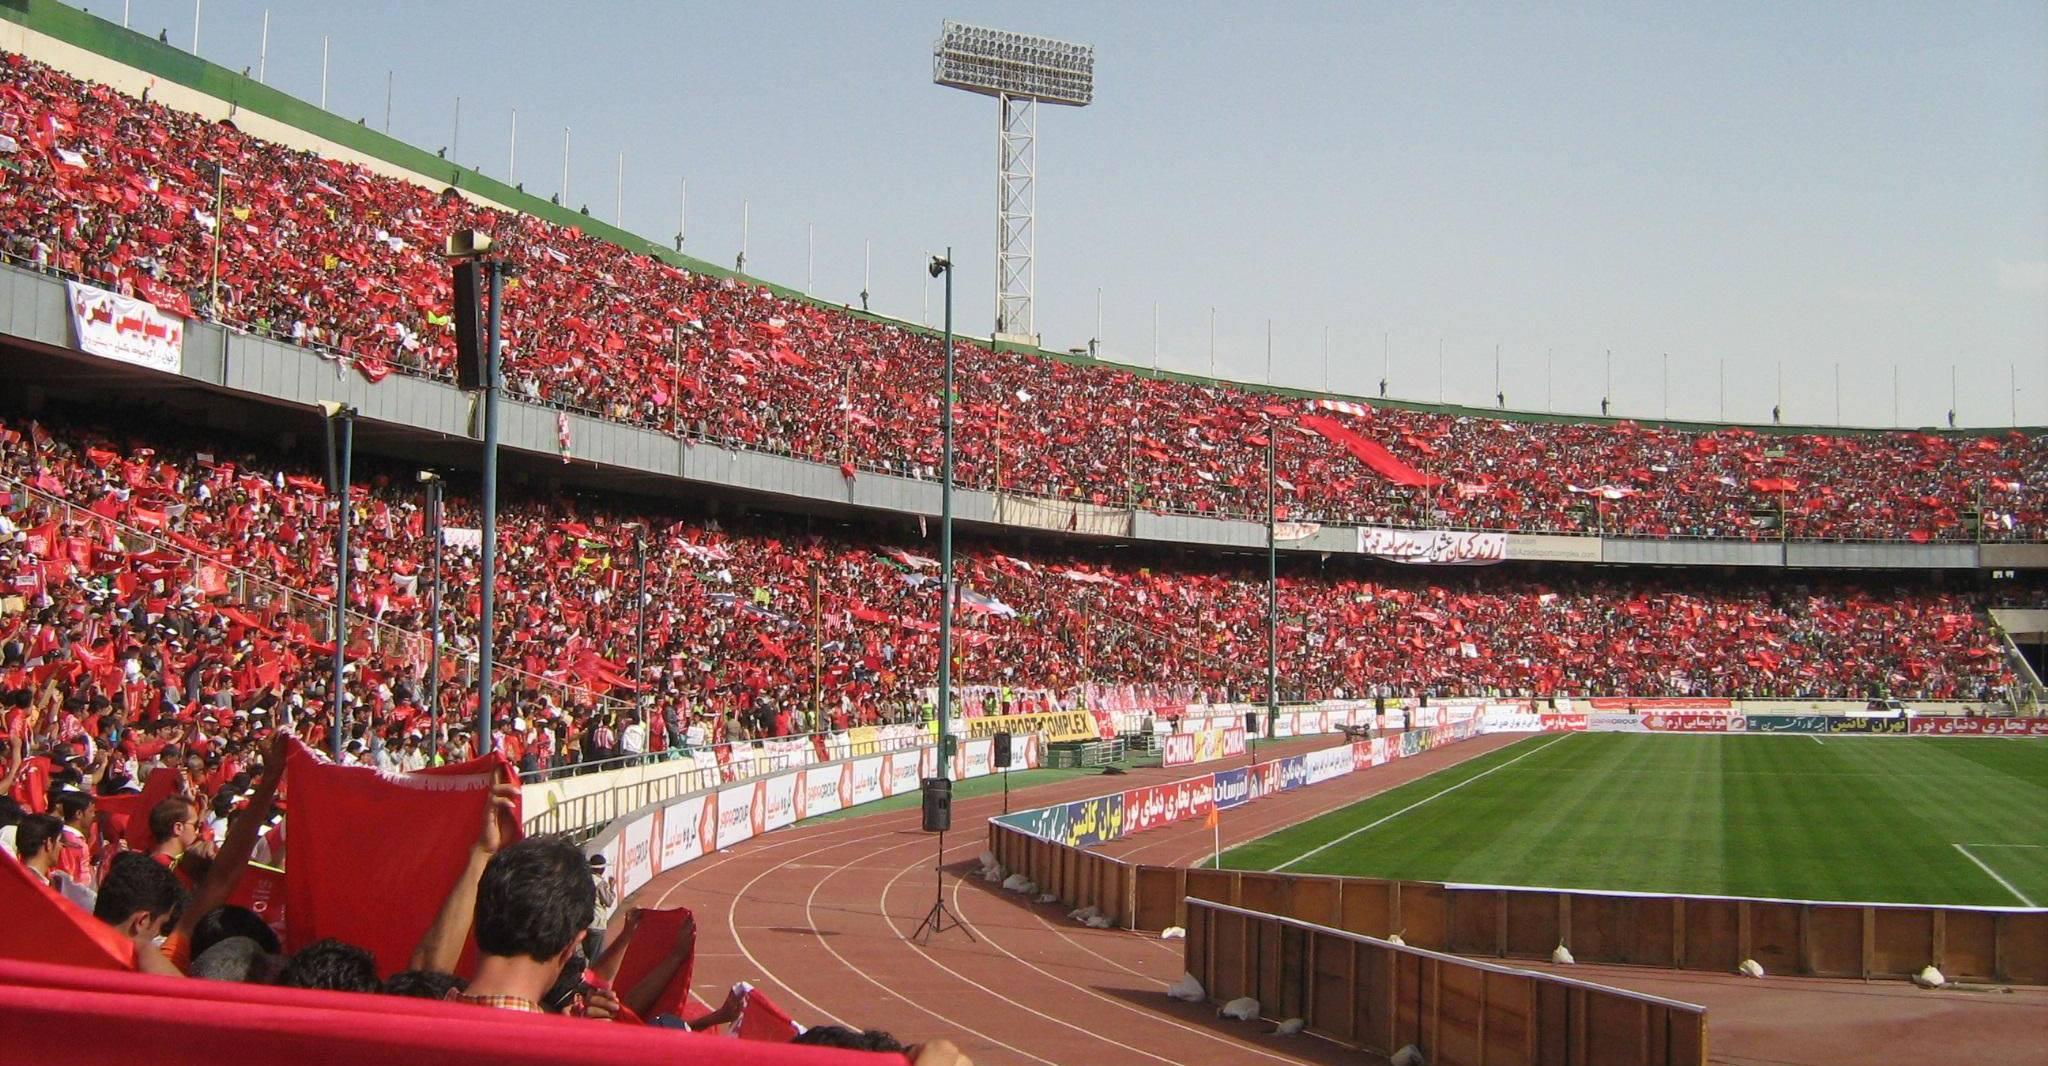 هراس رسانههای ژاپنی از بازی کاشیما در ورزشگاه آزادی